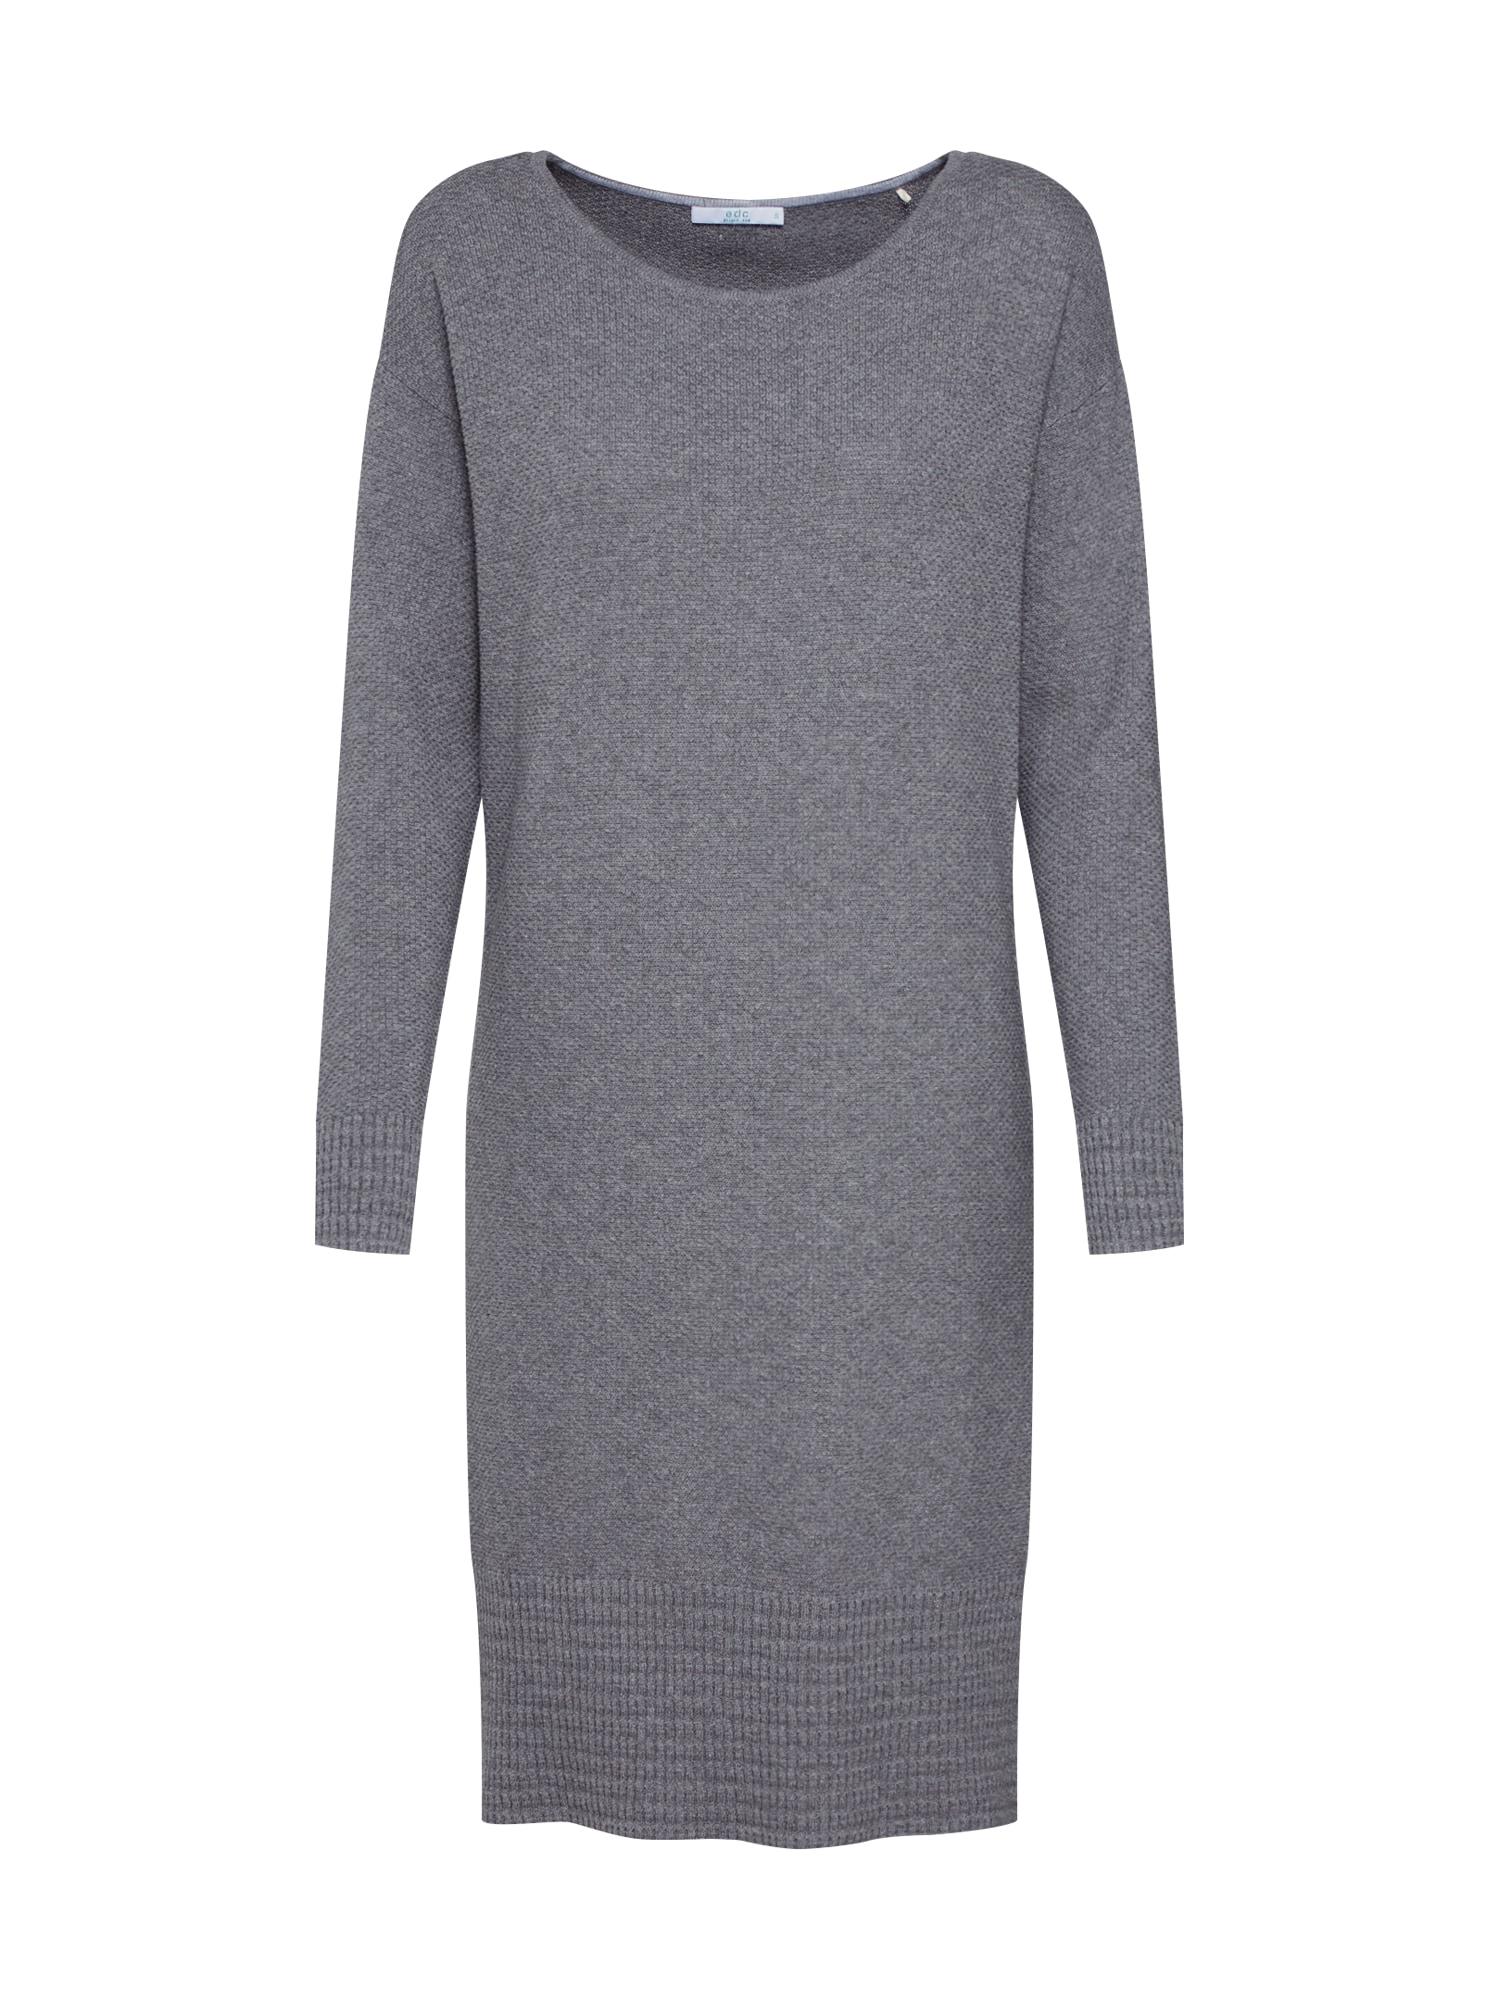 Úpletové šaty OCS Dress stříbrně šedá světle šedá EDC BY ESPRIT